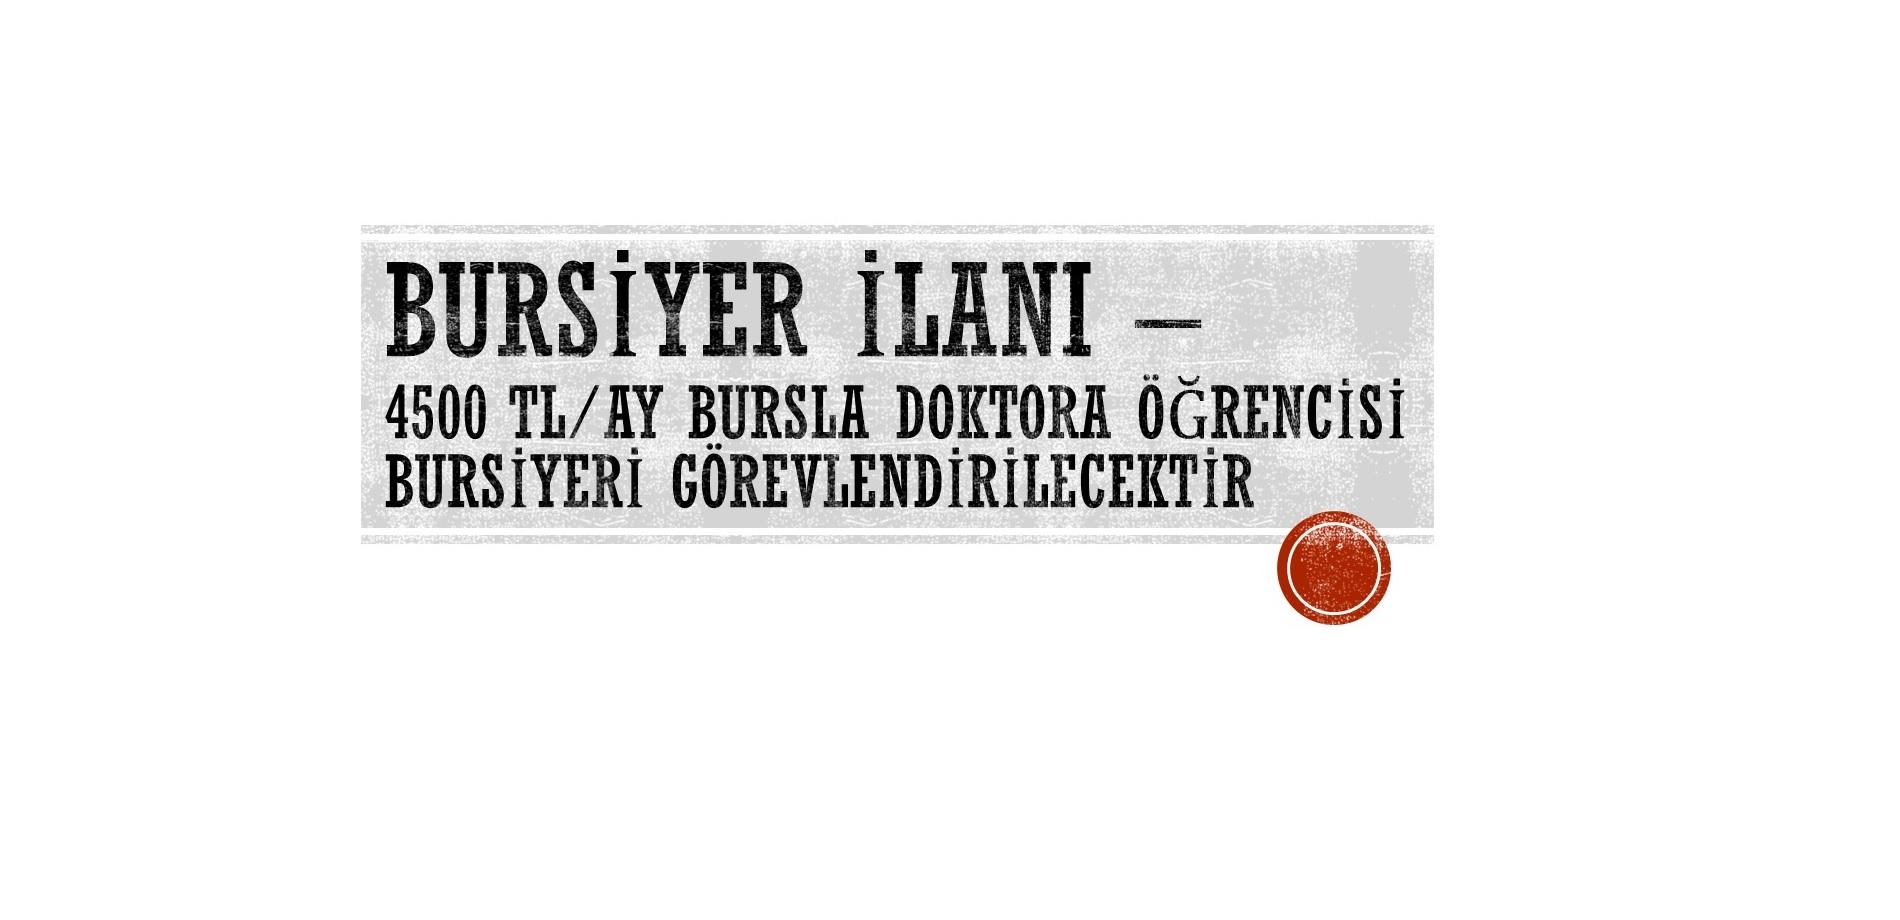 BURSİYER İLANI - 4500 TL/AY BURSLA DOKTORA ÖĞRENCİSİ BURSİYERİ GÖREVLENDİRİLECEKTİR